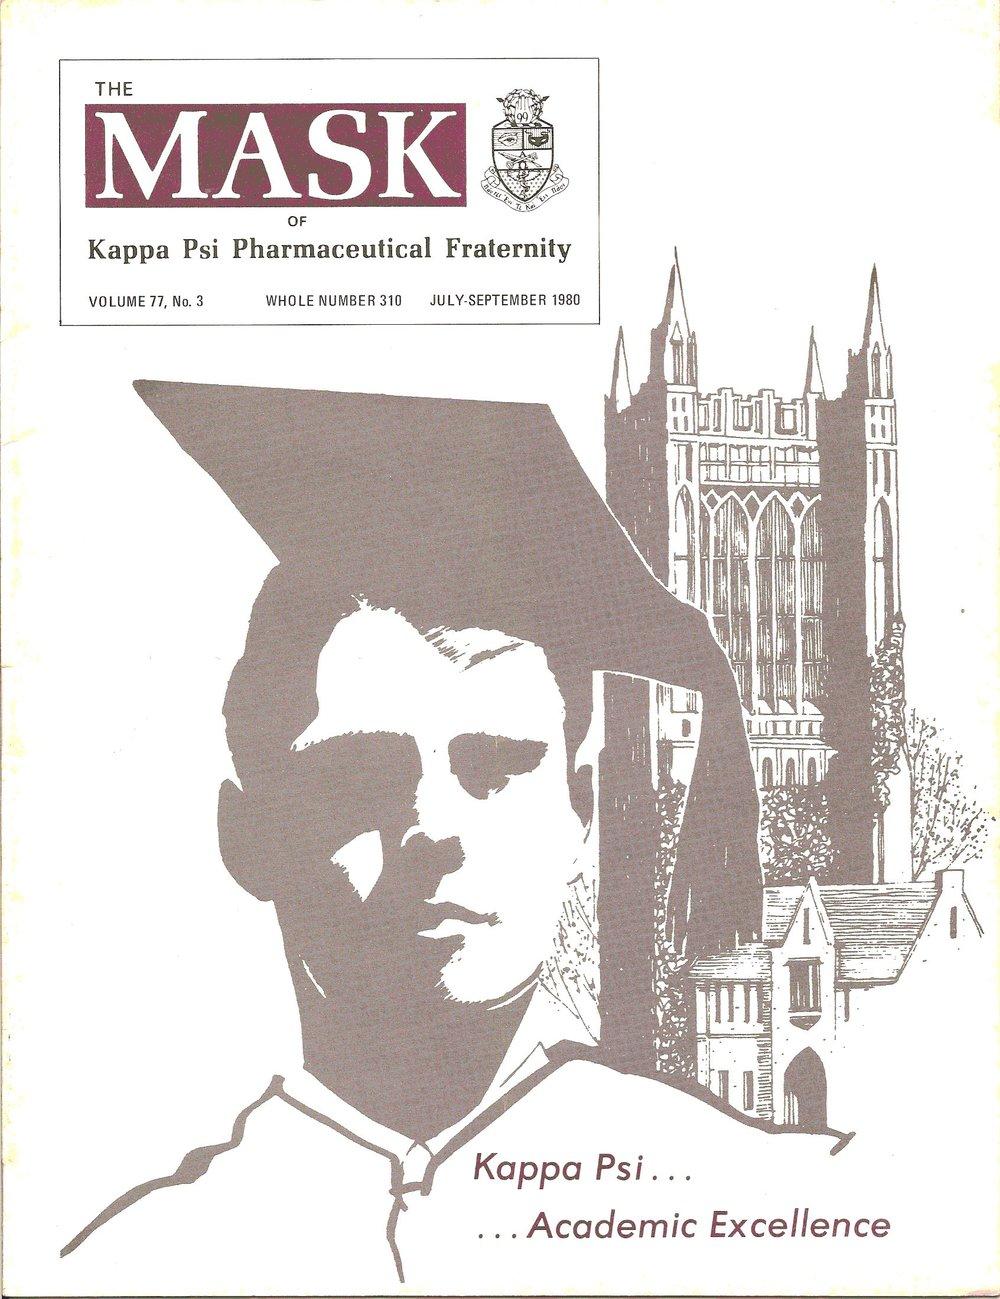 mask_cover_06_1980.jpg